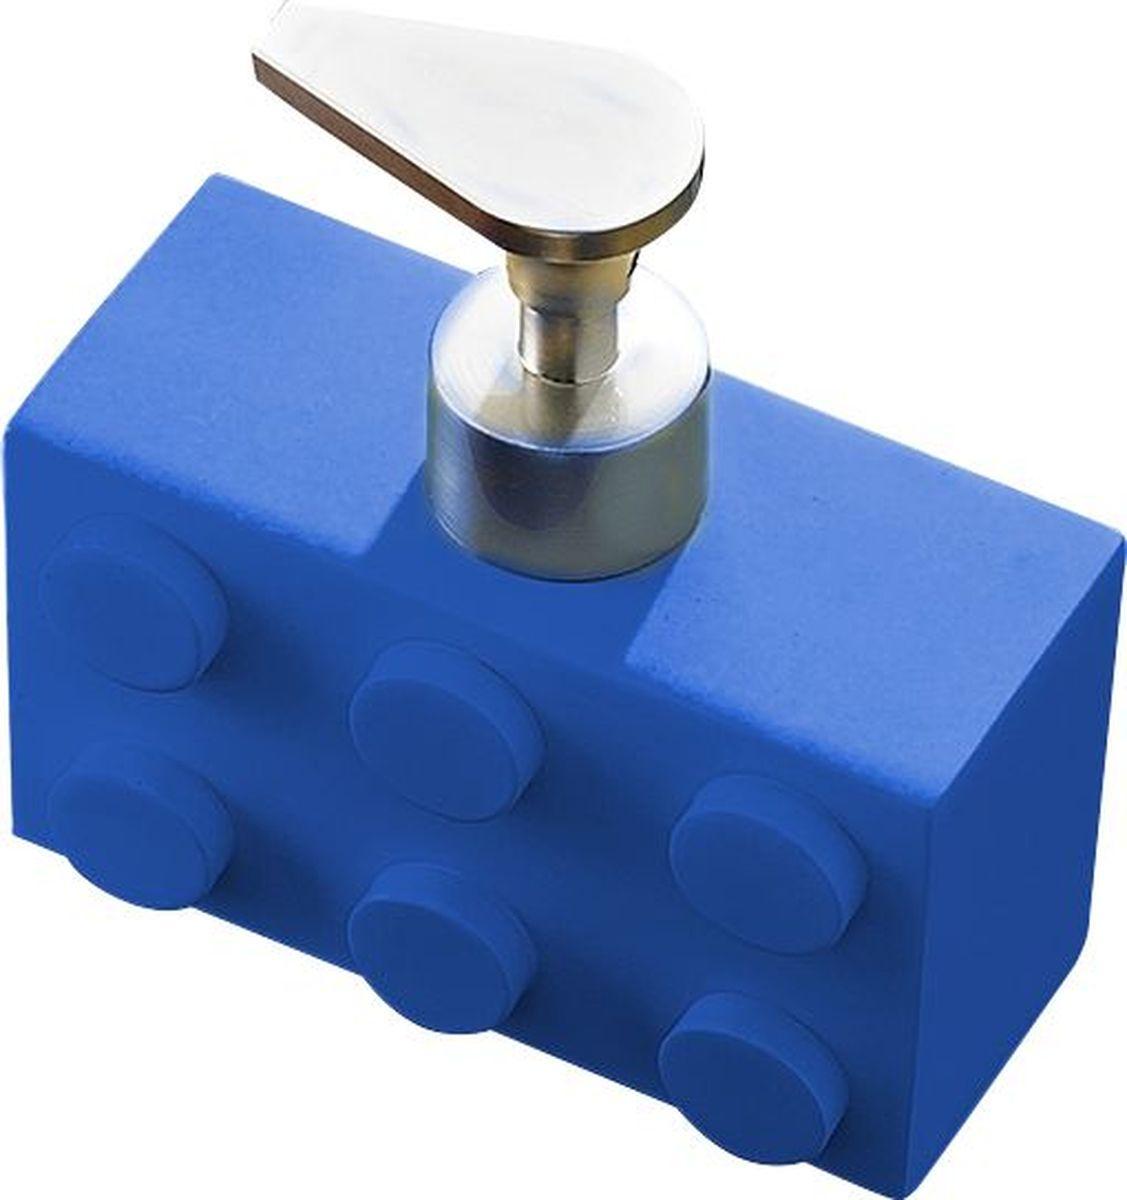 Дозатор для жидкого мыла Ridder Bob, цвет: синий, 280 мл68/5/3Дозатор для жидкого мыла Ridder Bob, изготовленный из экологичной полирезины,отлично подойдет для вашей ванной комнаты.Такой аксессуар очень удобен в использовании,достаточно лишь перелить жидкое мыло вдозатор, а когда необходимо использованиемыла, легким нажатием выдавить нужноеколичество. Дозатор для жидкого мыла Ridder Bobсоздаст особую атмосферу уюта и максимальногокомфорта в ванной.Объем дозатора: 280 мл.